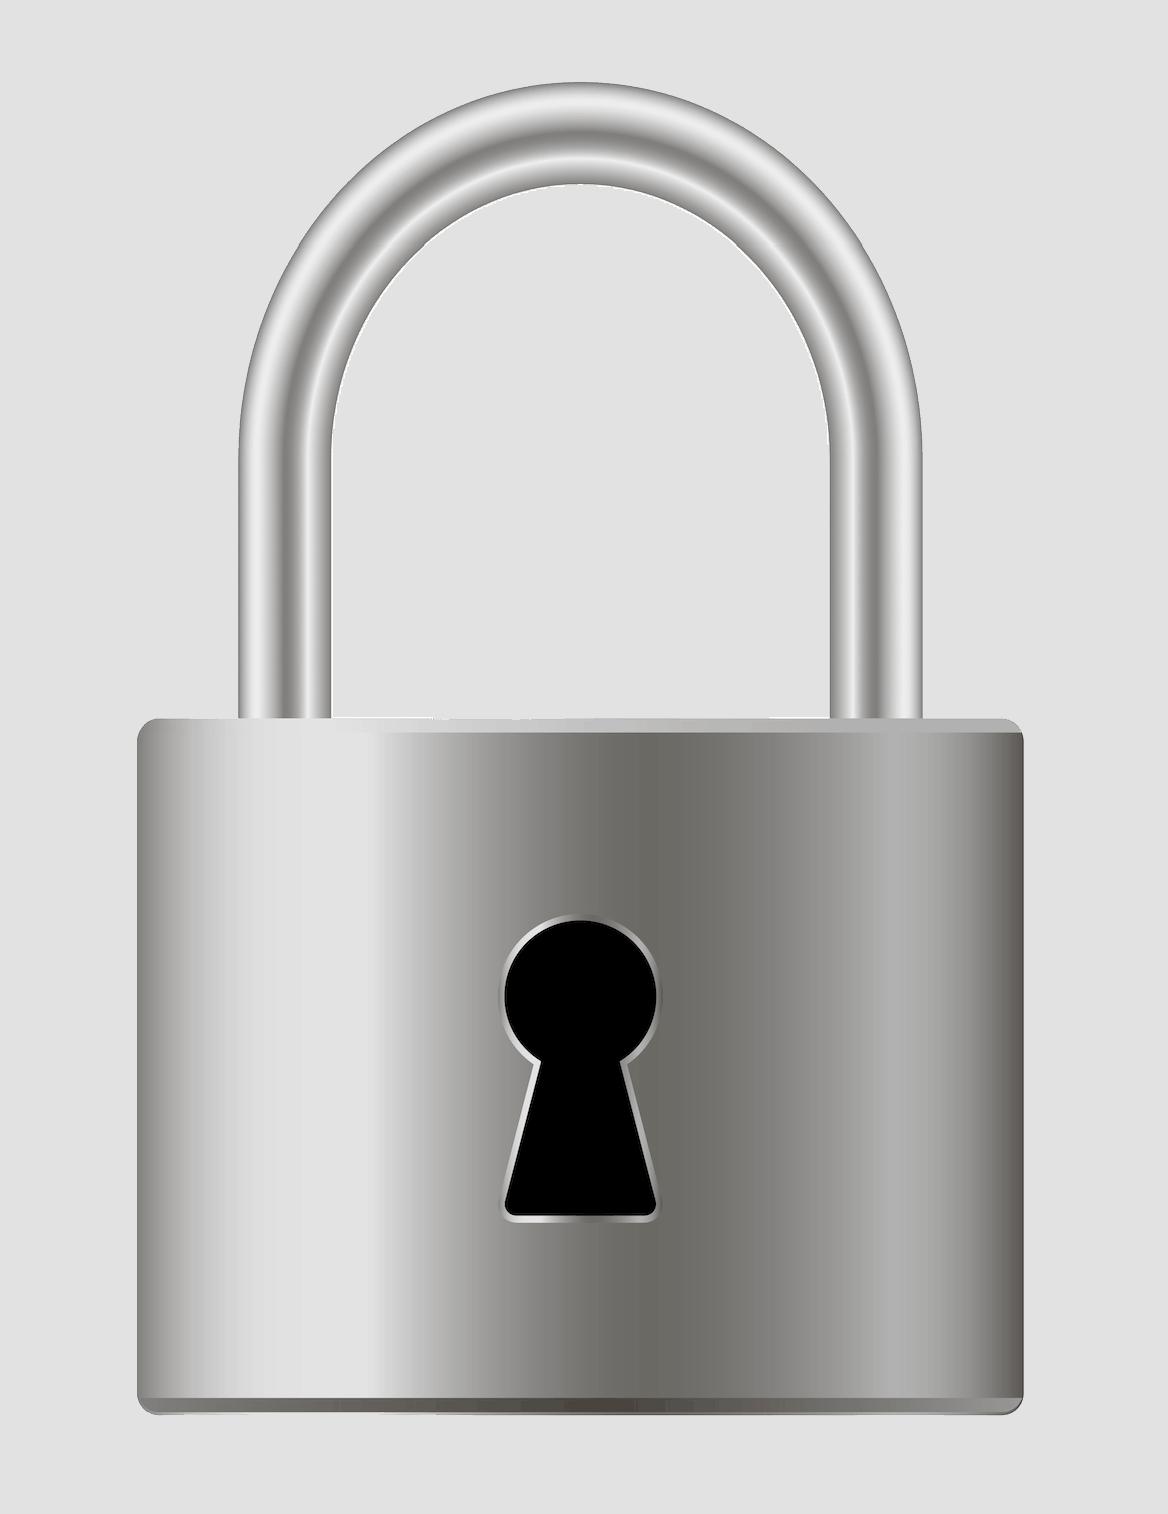 Secure metal lock